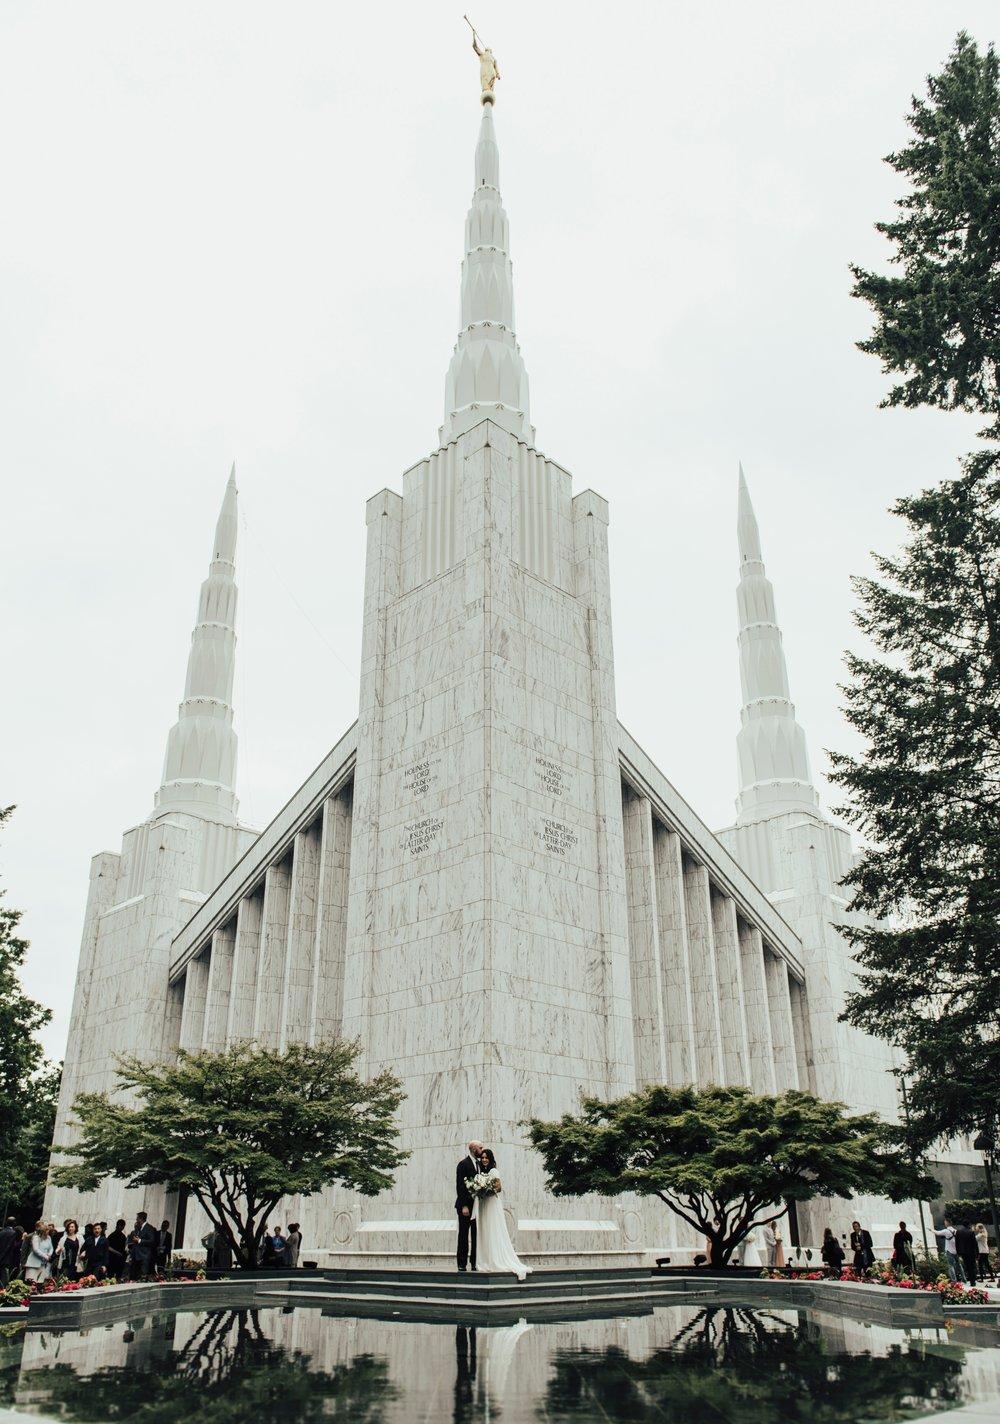 2017-06-14_0086.jpg